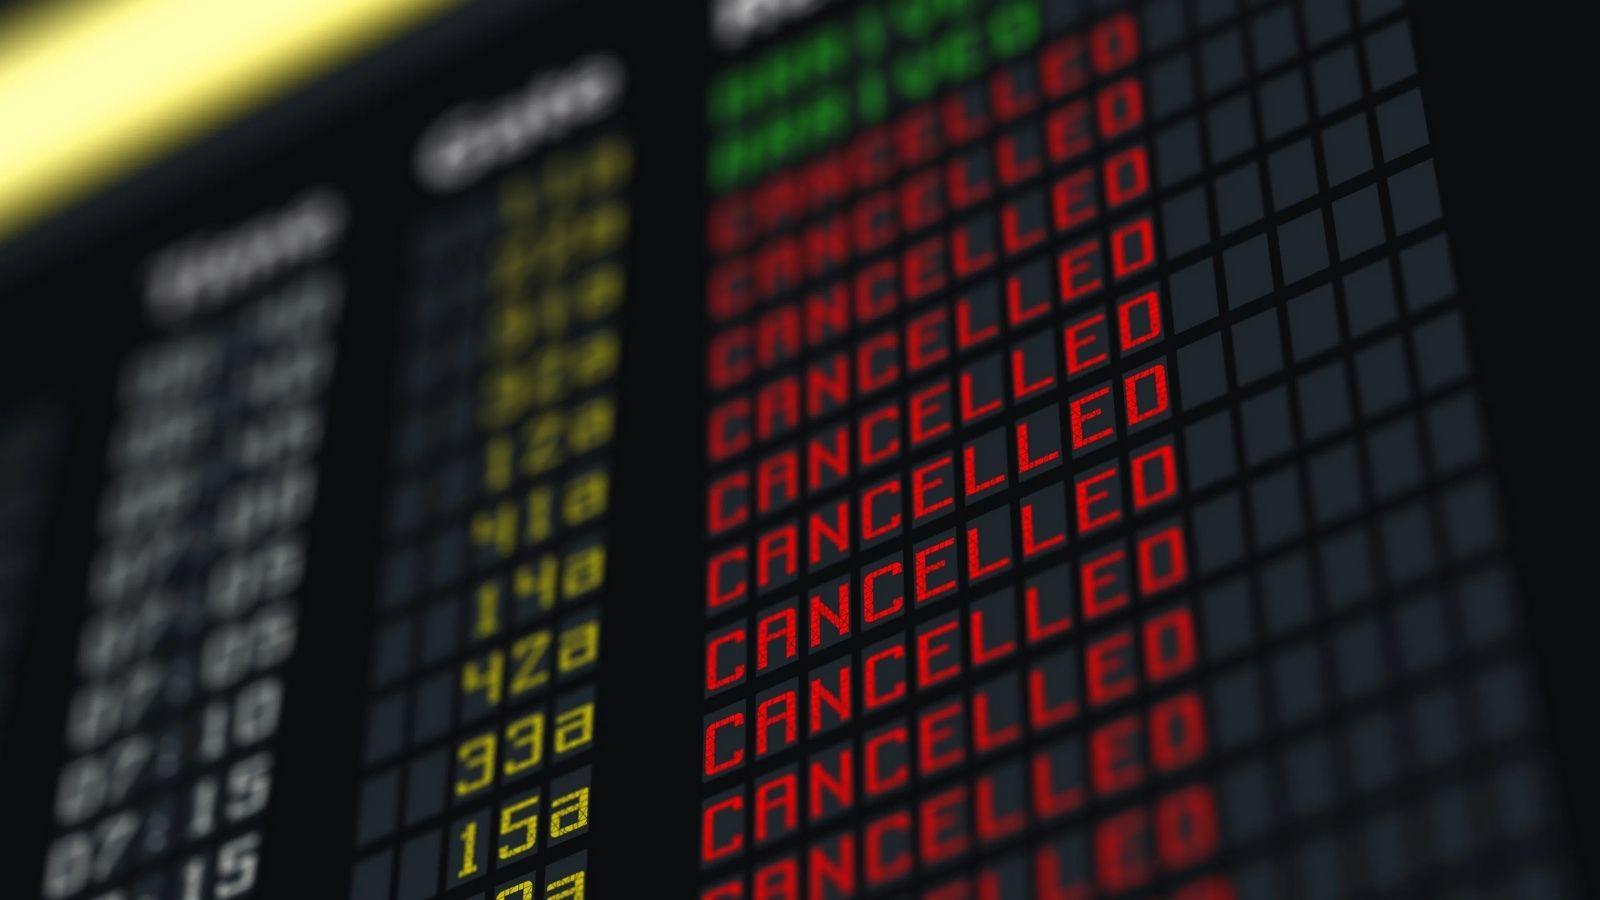 Vuelos cancelados: ¿Cómo actúa cada aerolínea?